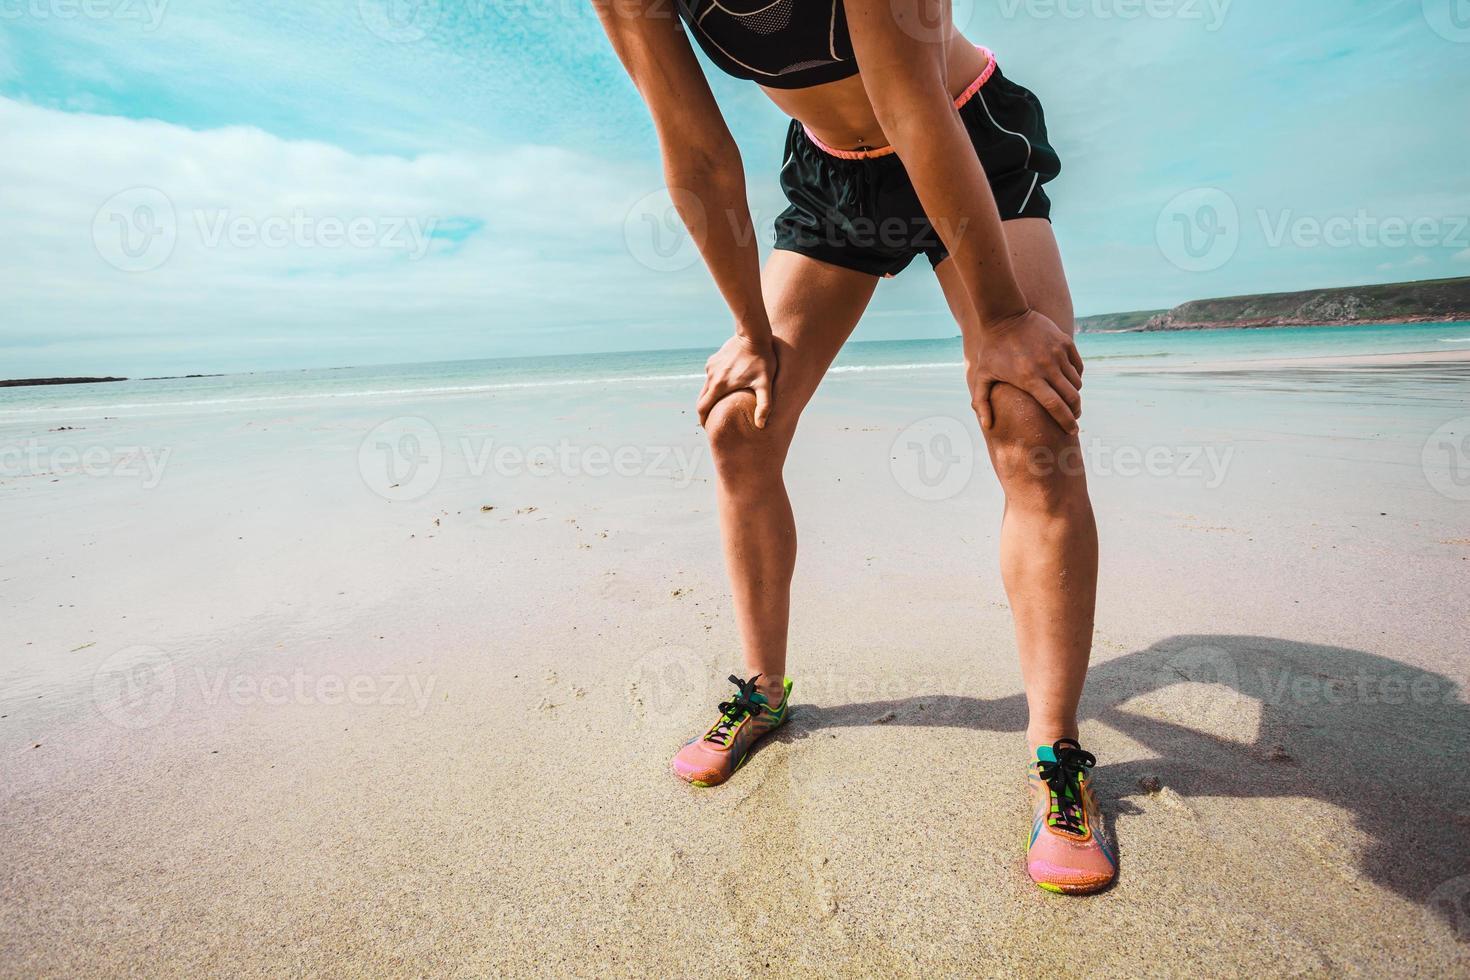 giovane donna atletica che riposa dopo avere corso sulla spiaggia foto